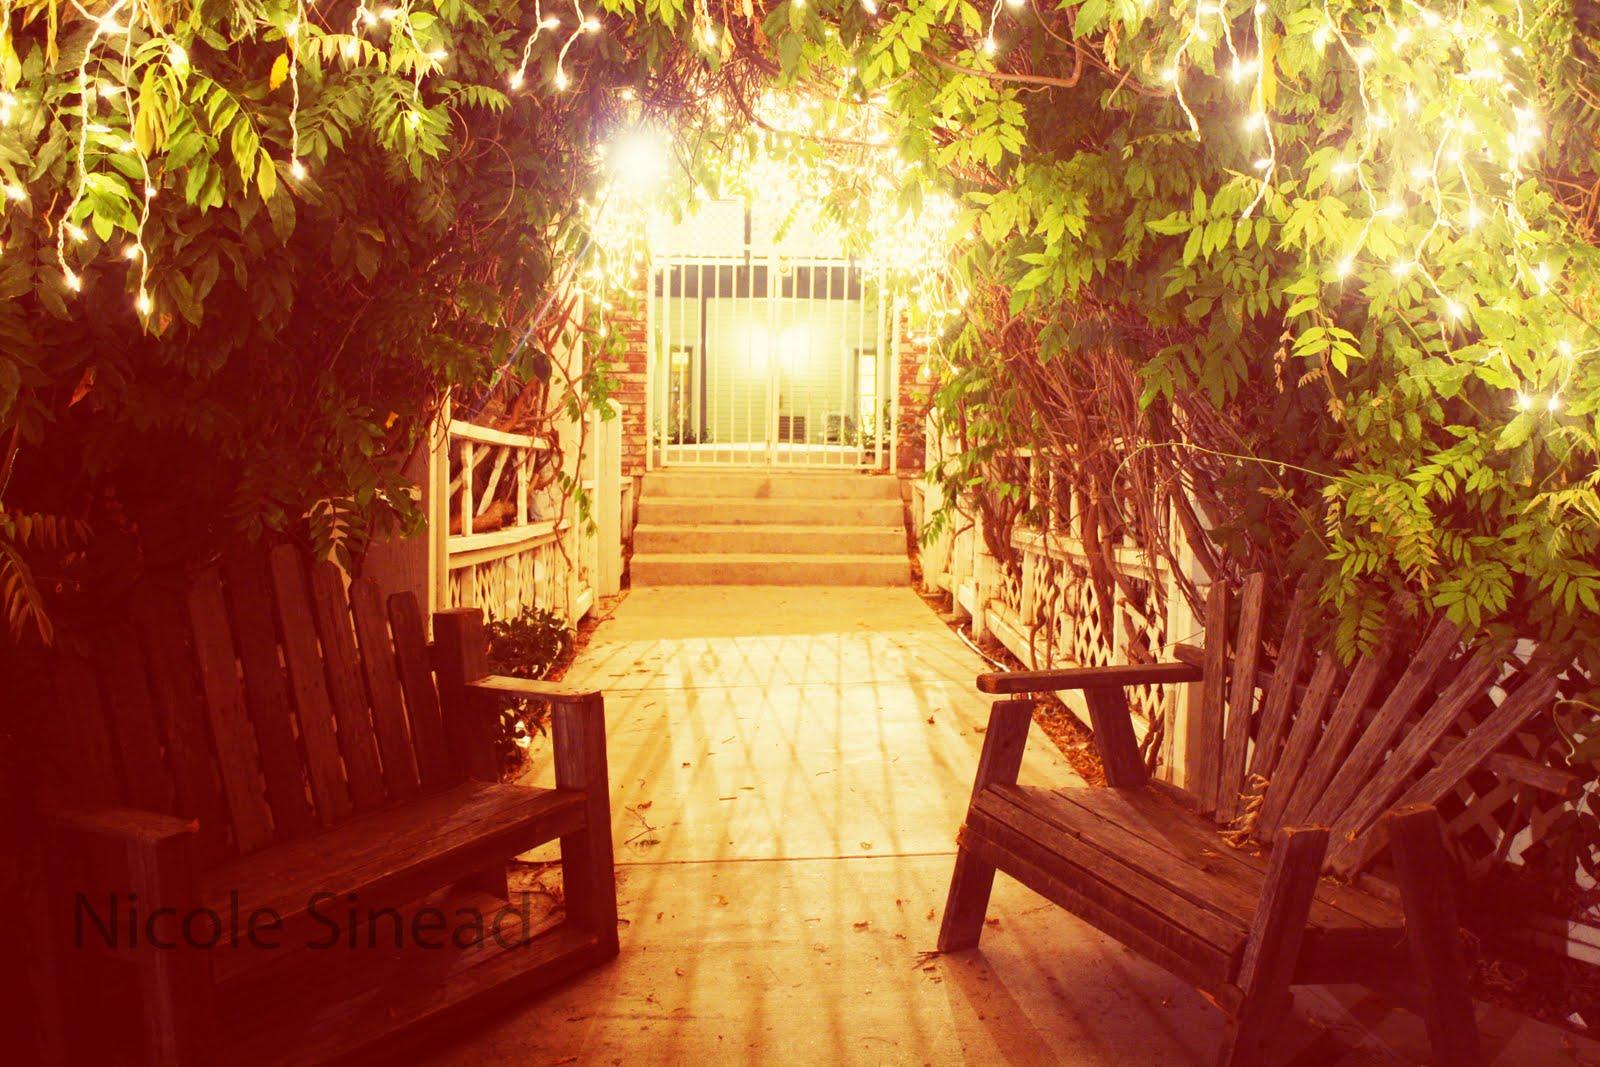 http://1.bp.blogspot.com/-kJY-IUnnGoc/Tm5YrQ6FNzI/AAAAAAAAAIw/juw0uLe8-vM/s1600/IMG_4496+copy+watermark.jpg